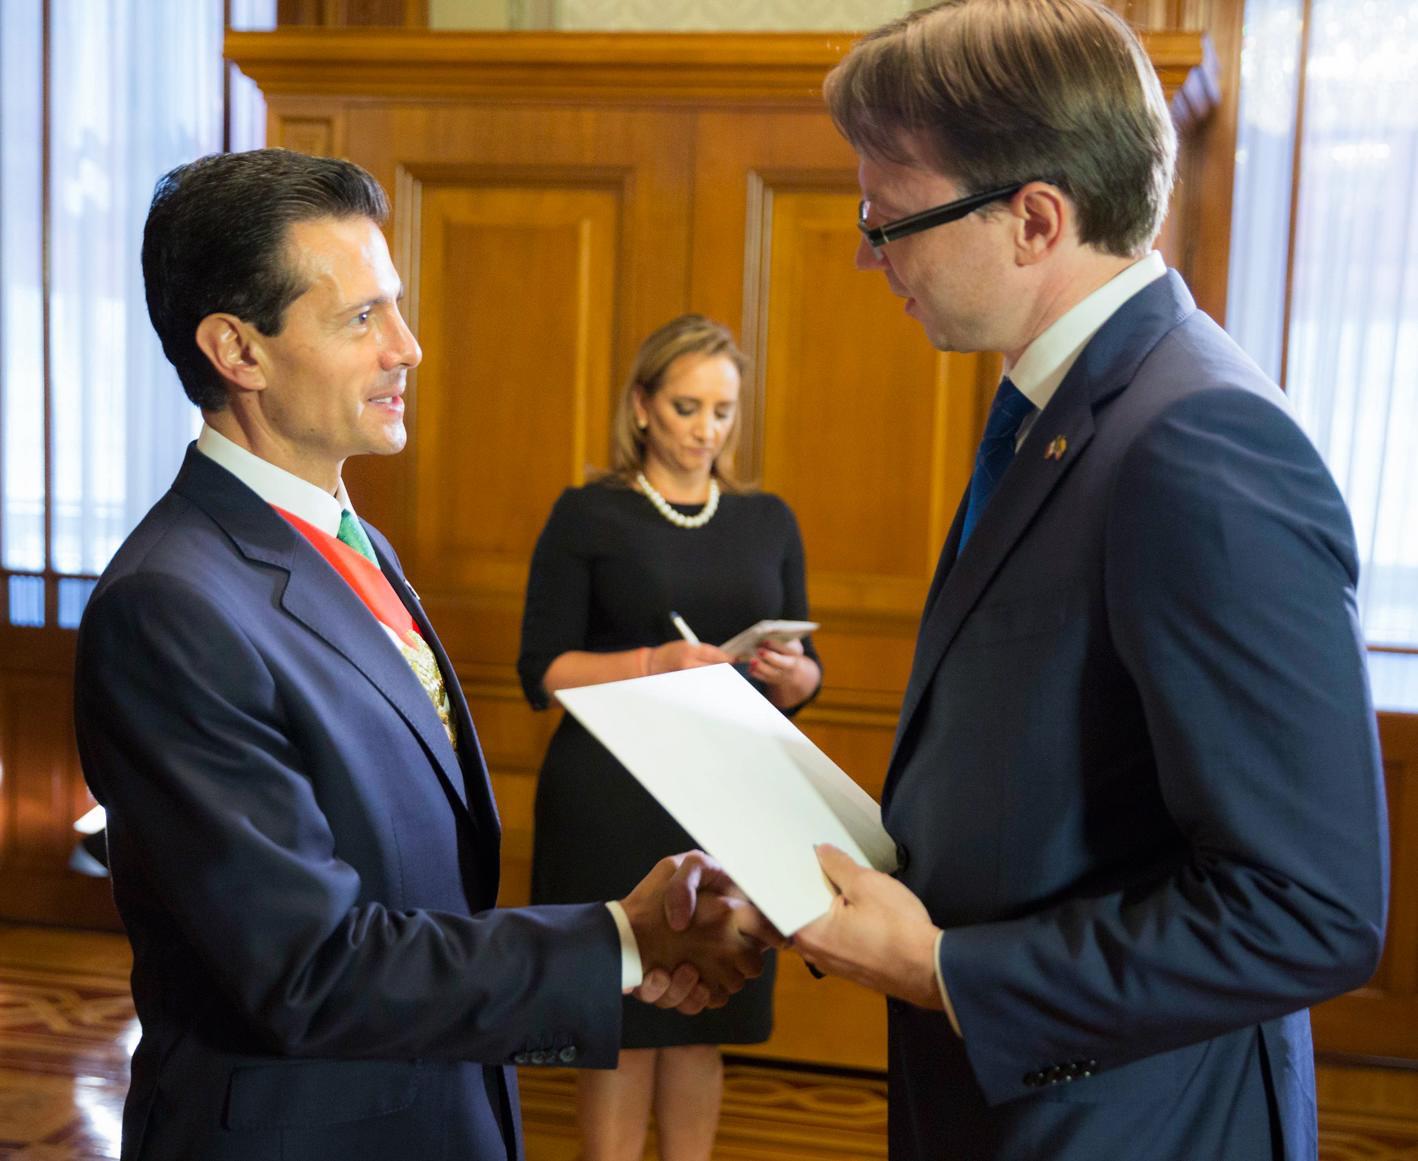 El Primer Mandatario con el señor Rolandas Krisciunas, Embajador de la República de Lituania.